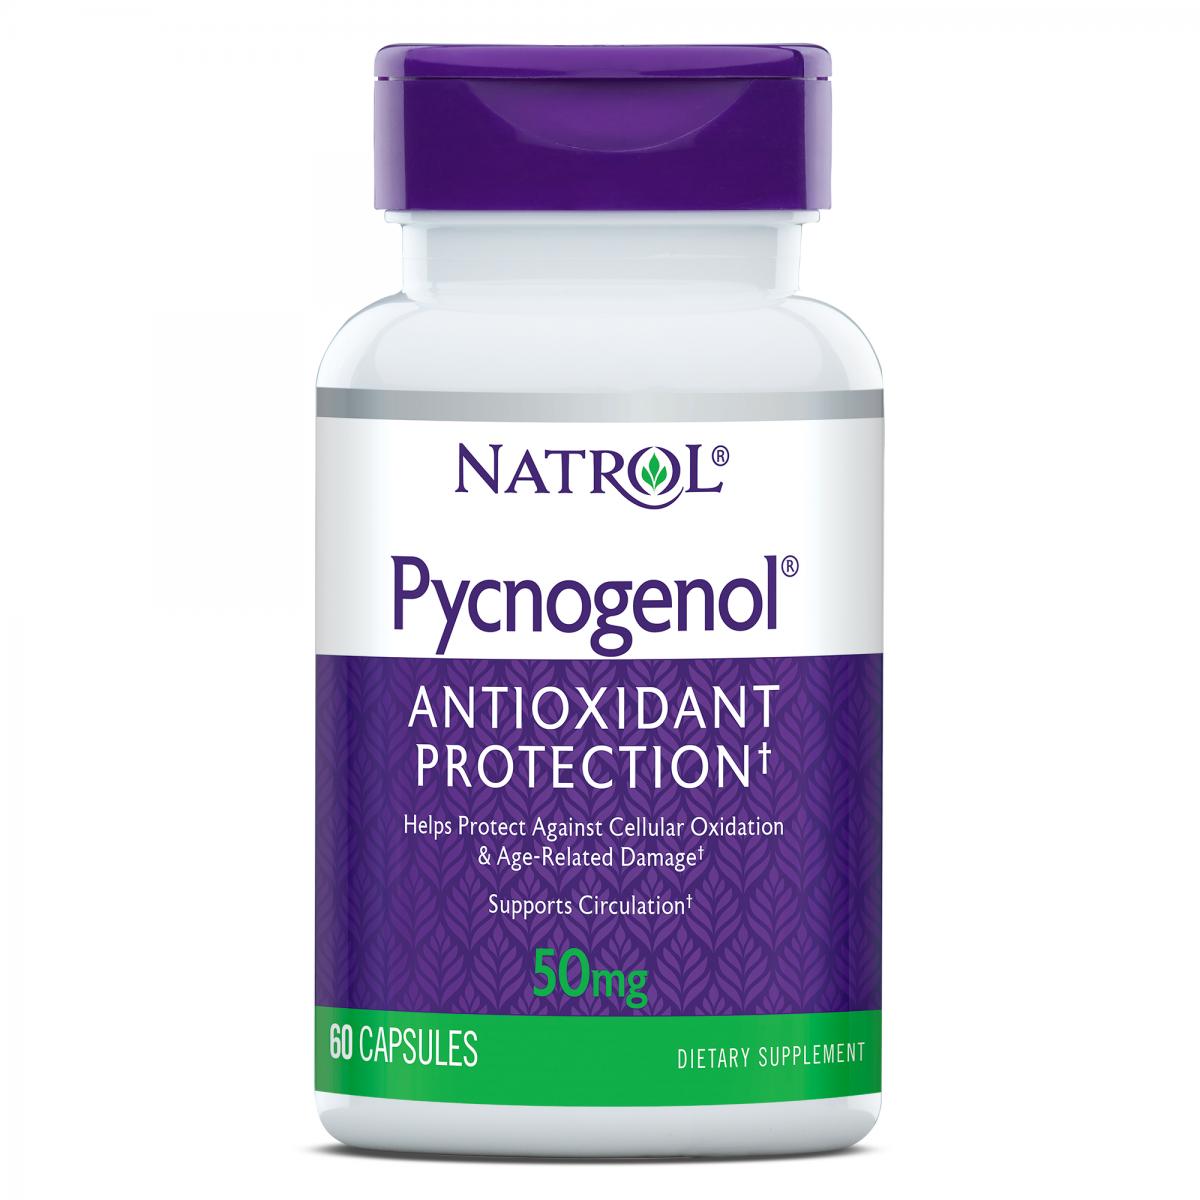 Natrol Pycnogenol